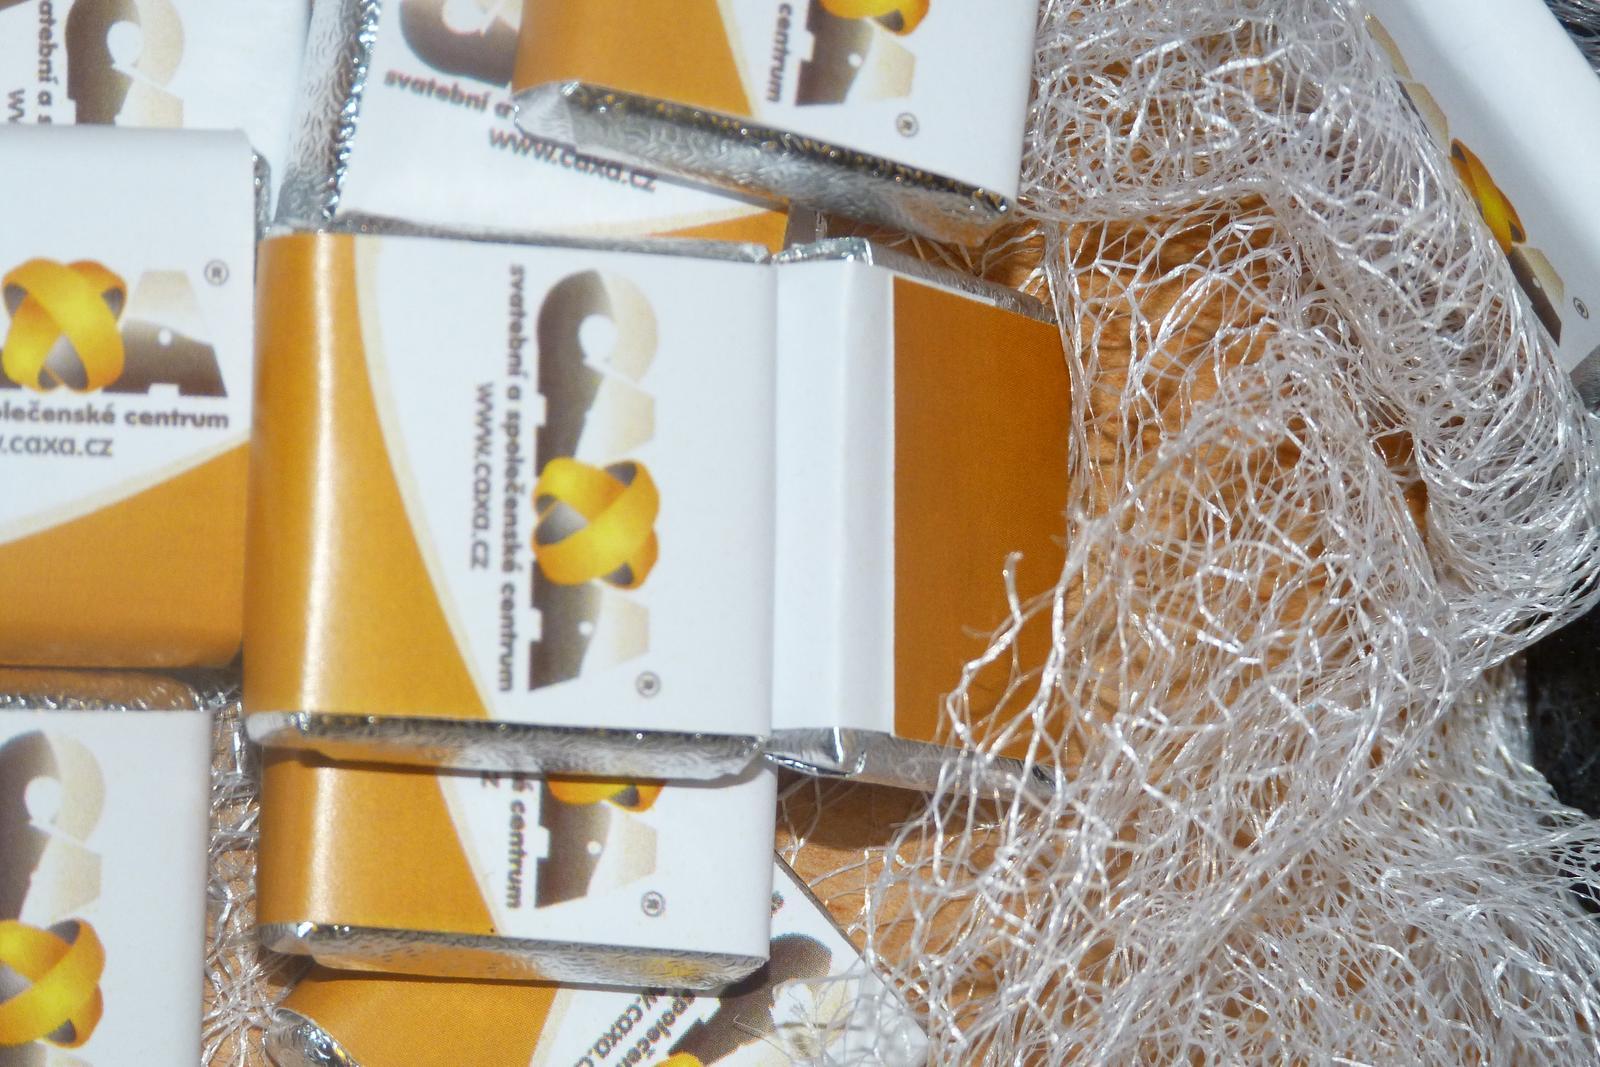 Vína, minivína, čokoládky s originální etiketou - Obrázek č. 16